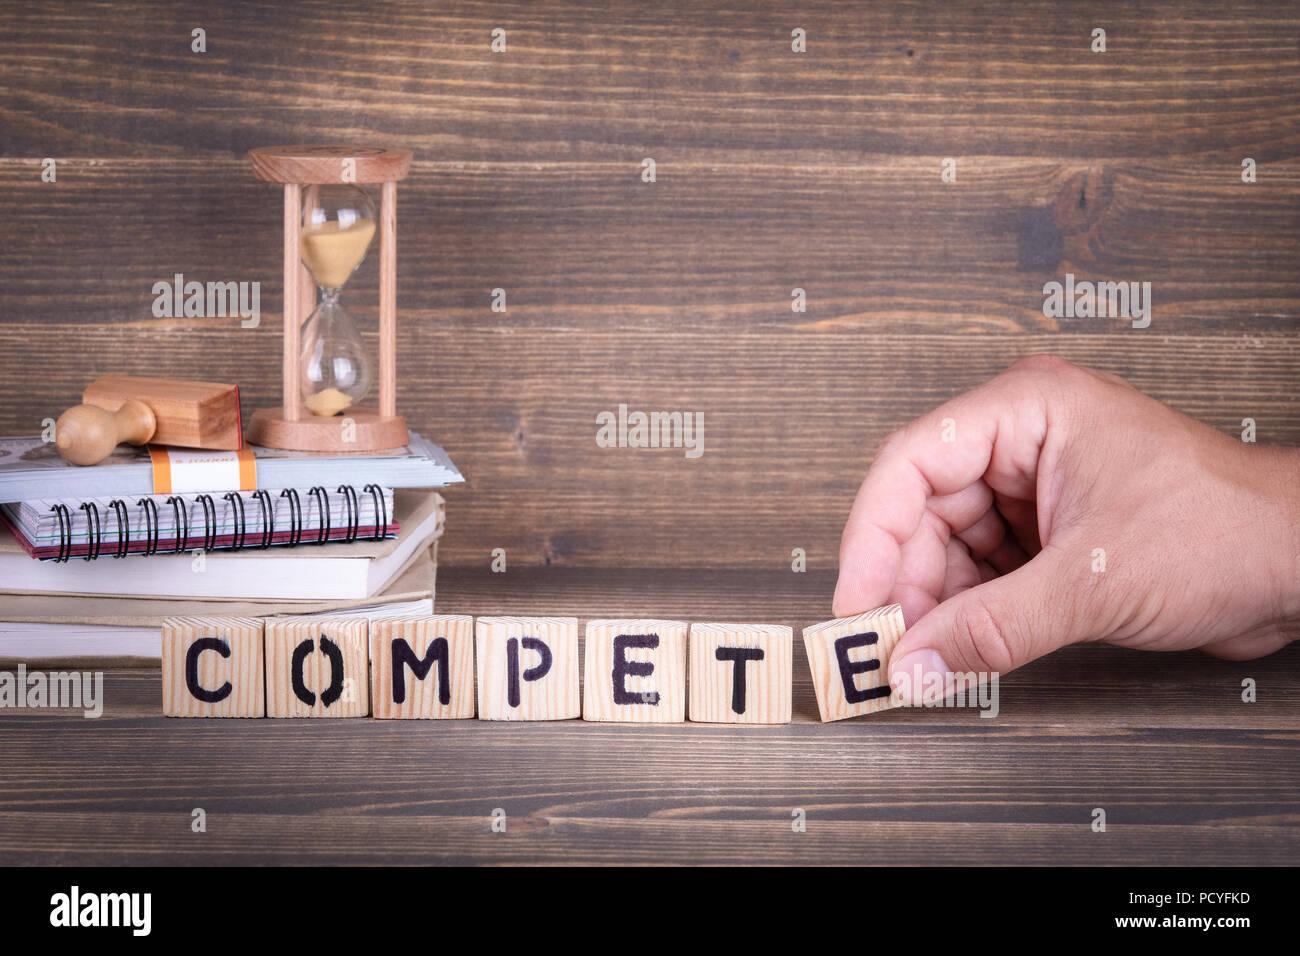 Competere in legno per le lettere sulla scrivania in ufficio Immagini Stock